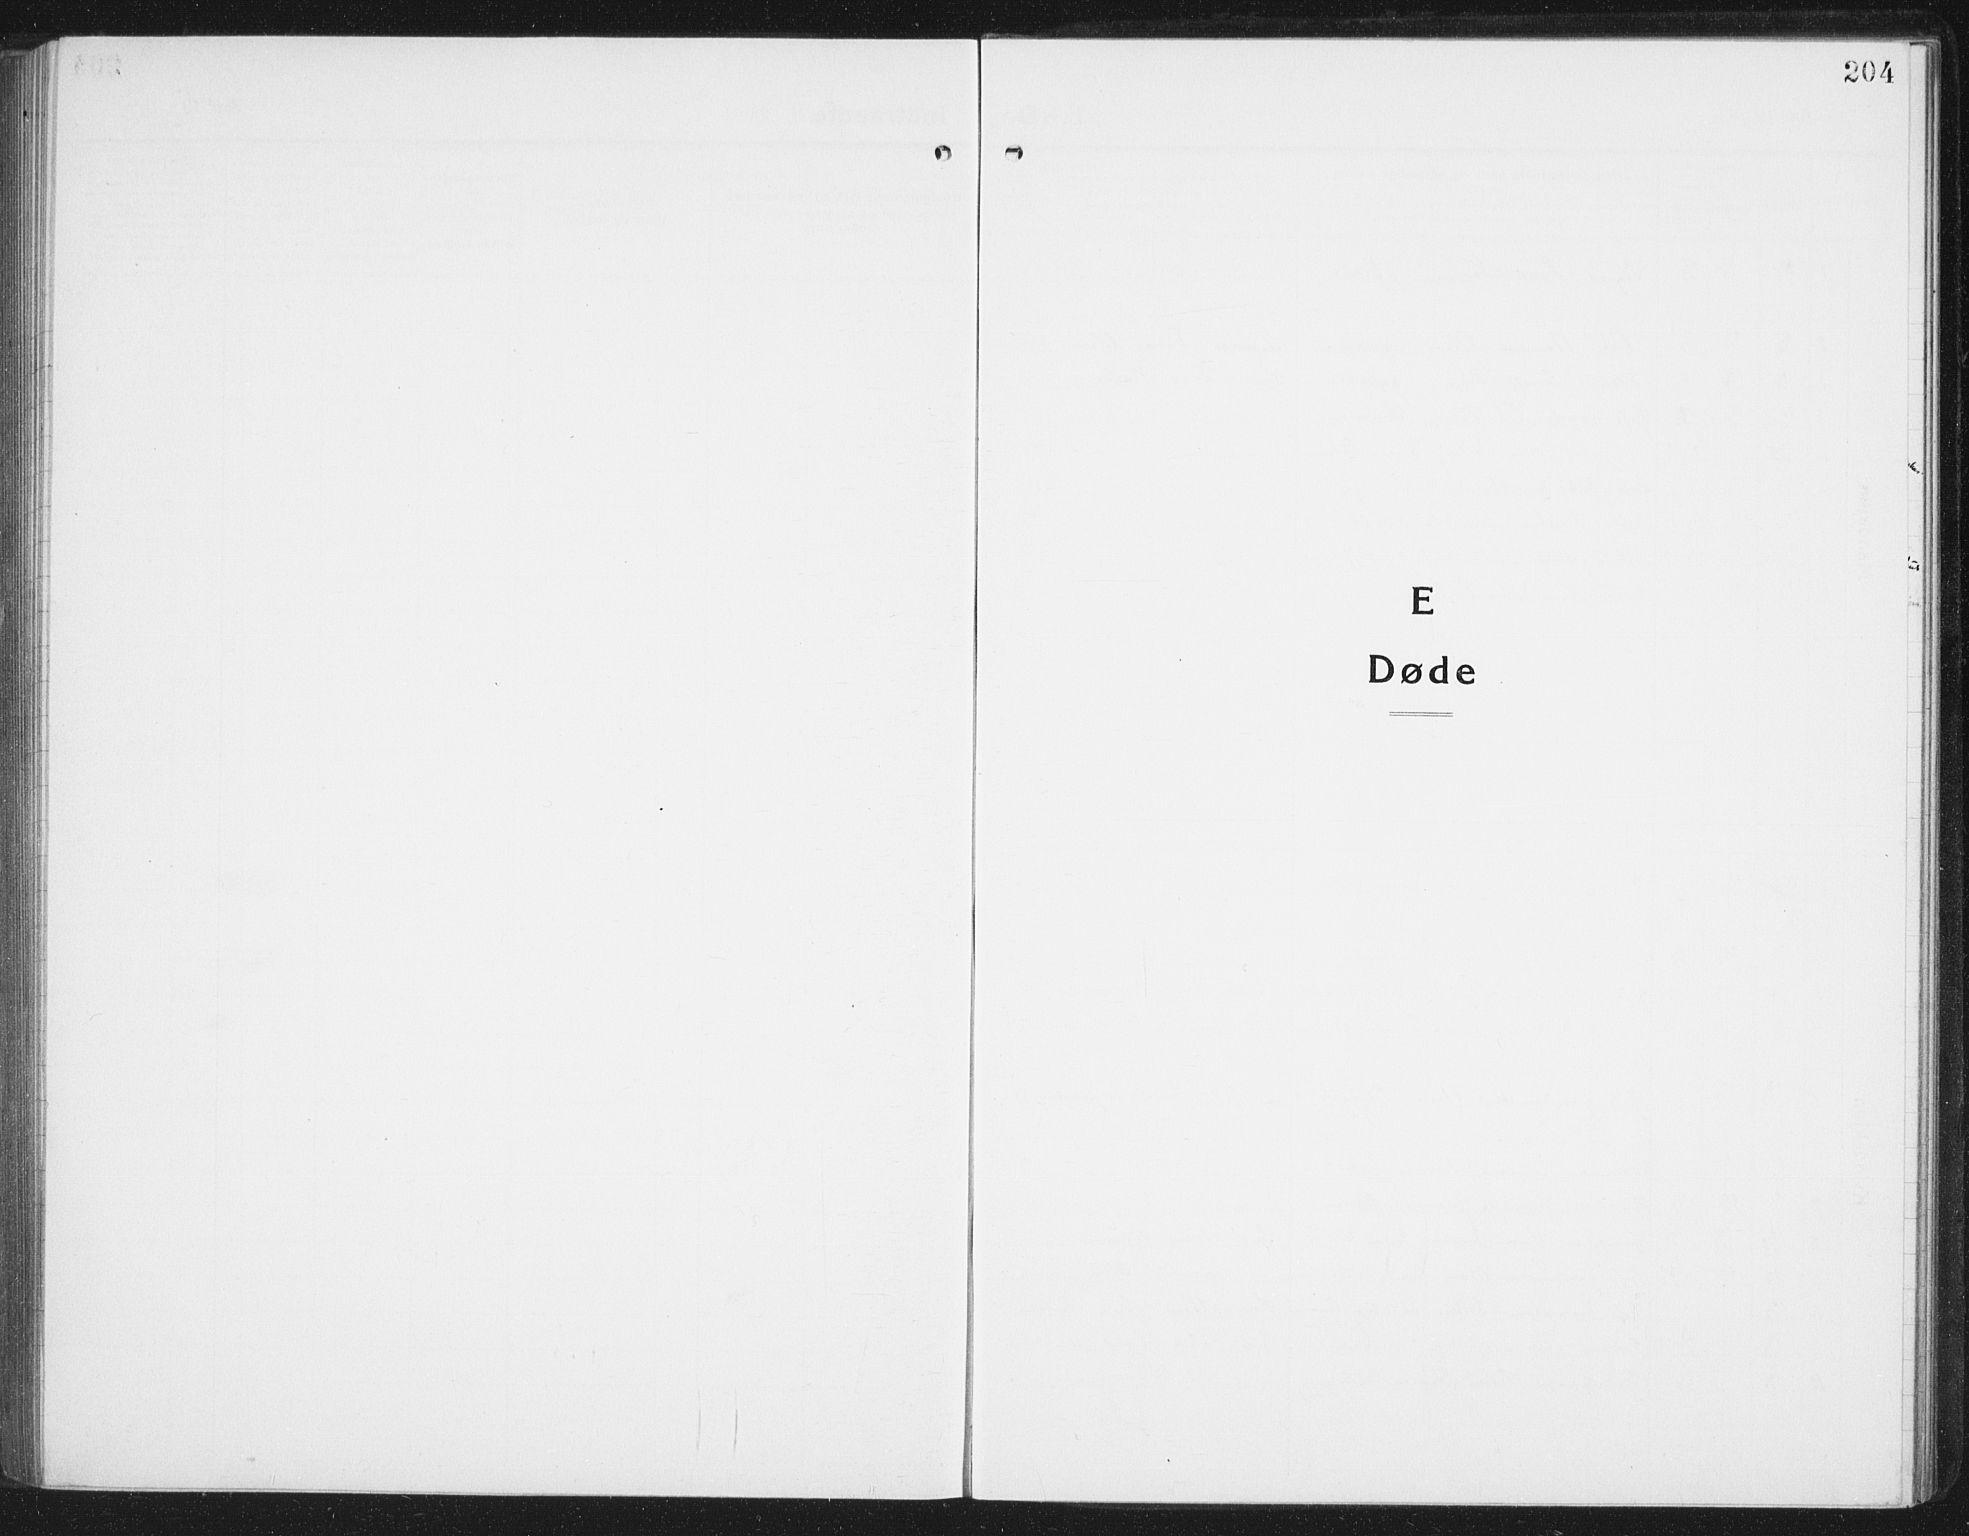 SAT, Ministerialprotokoller, klokkerbøker og fødselsregistre - Nordland, 898/L1428: Parish register (copy) no. 898C03, 1918-1938, p. 204